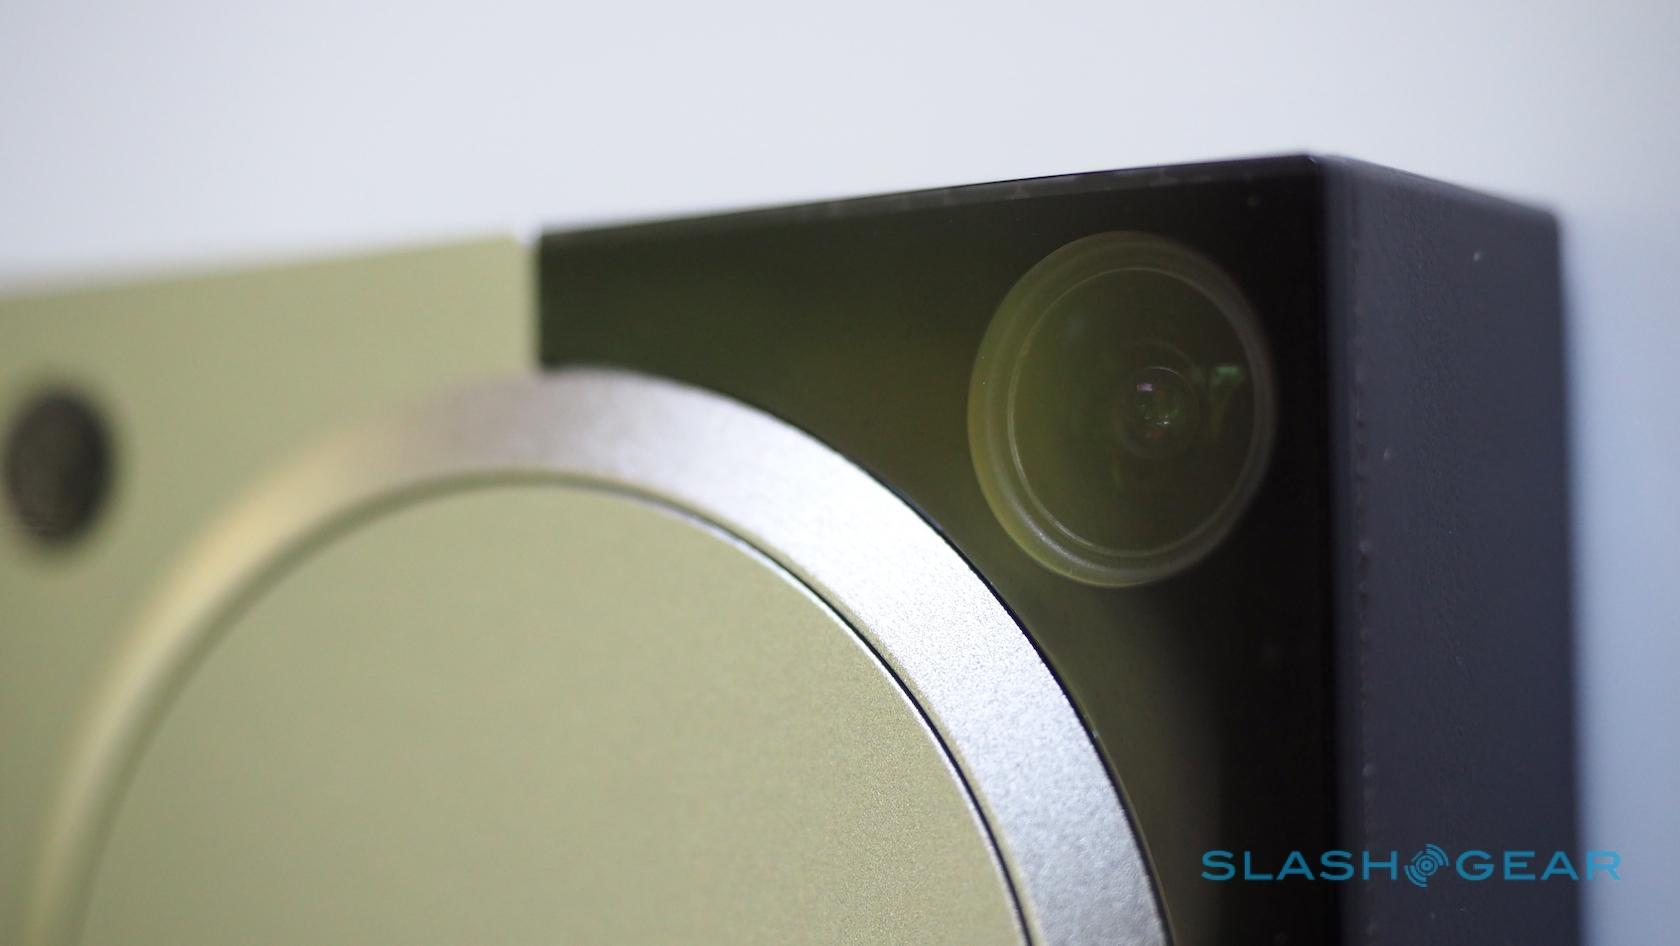 august-doorbell-cam-review-4